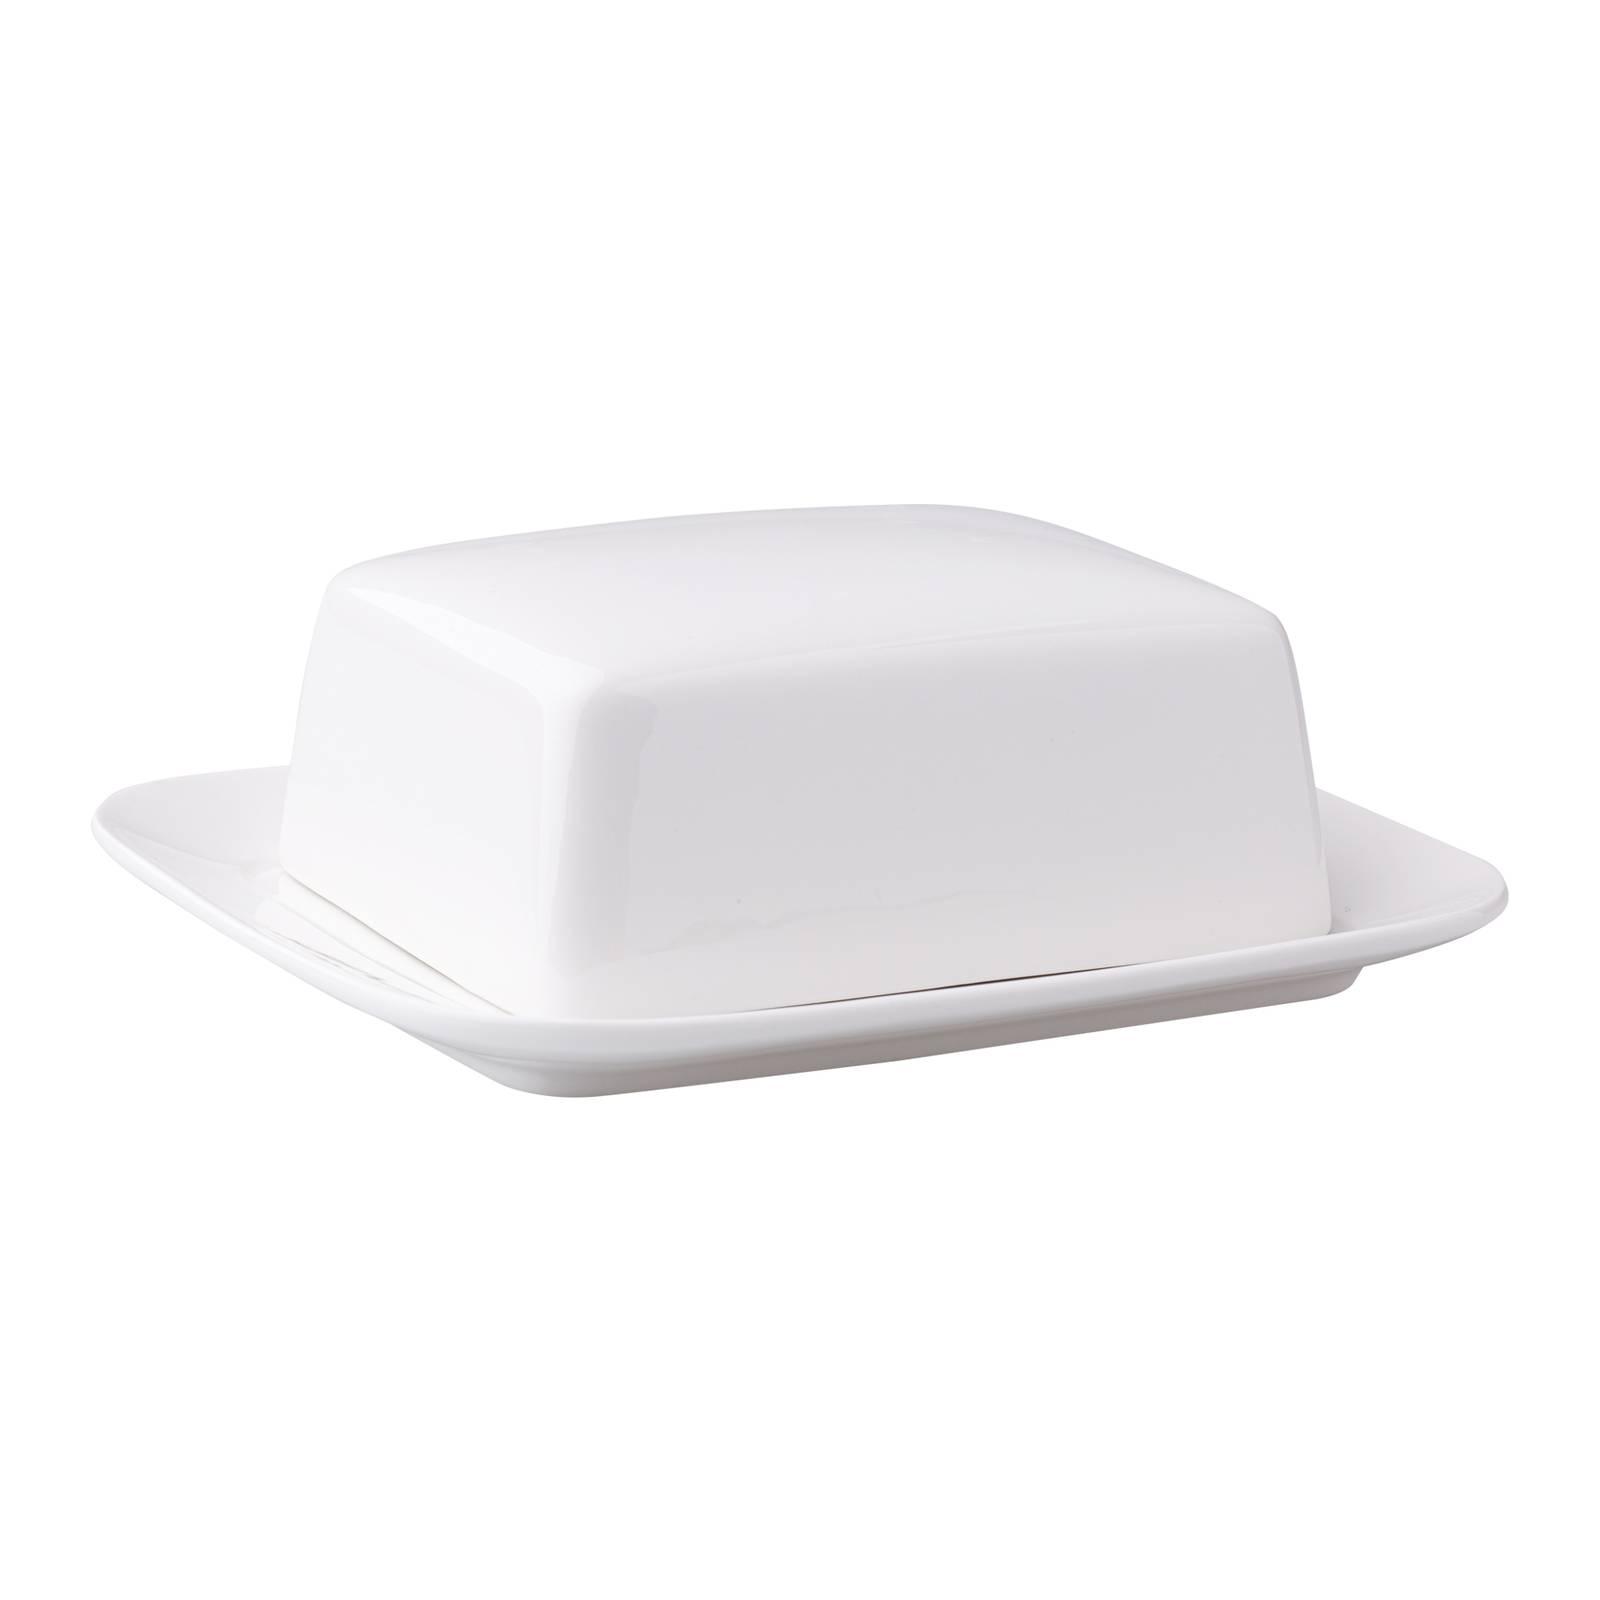 Butterdose Weiss Porzellan  18,8 x 15,6 CM